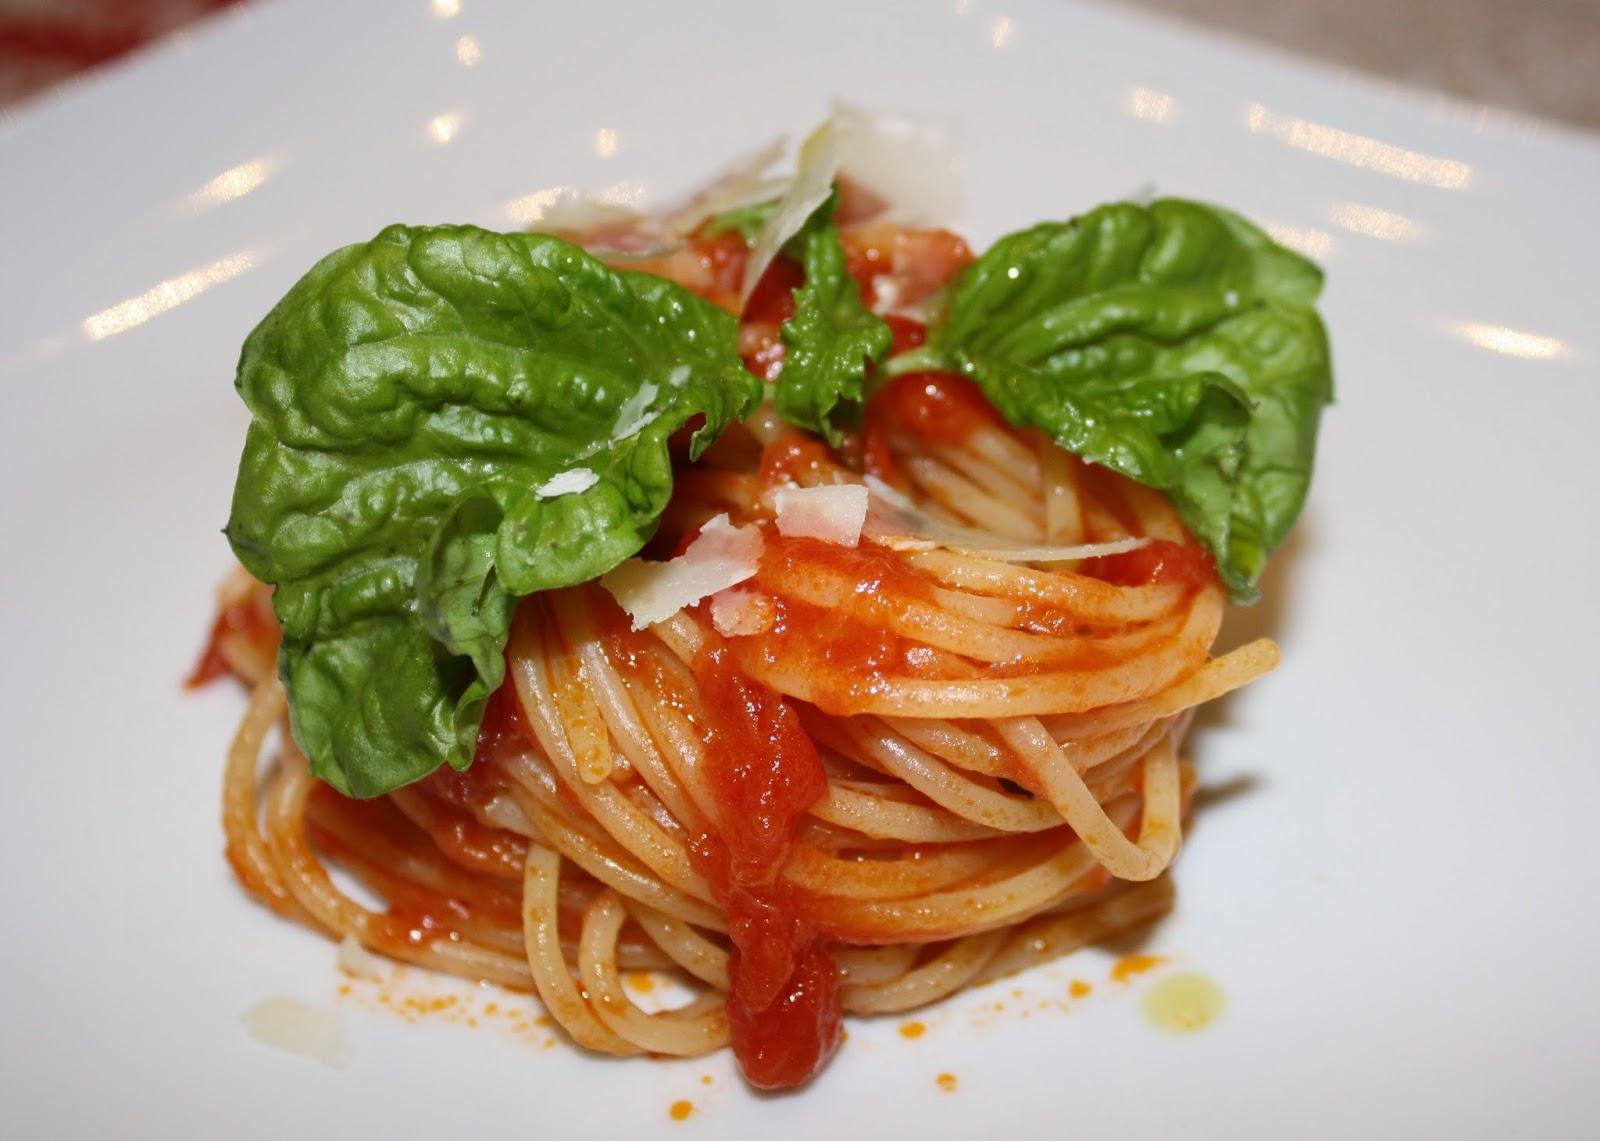 spaghetti al pomodoro e basilico per festeggiare la giornata internazionale della cucina italiana 2014.